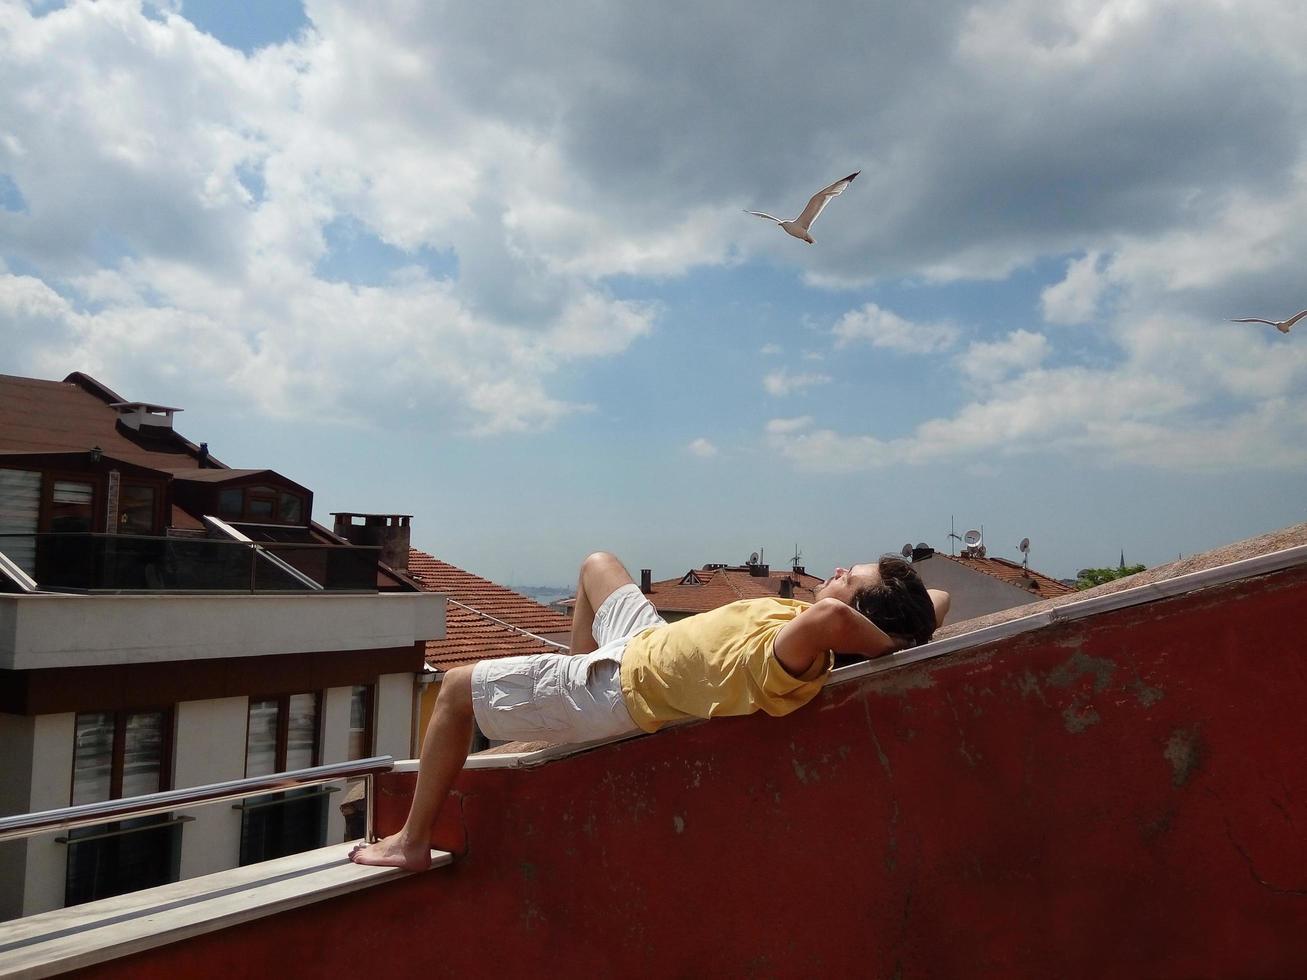 persona descansando en el techo el día de verano foto